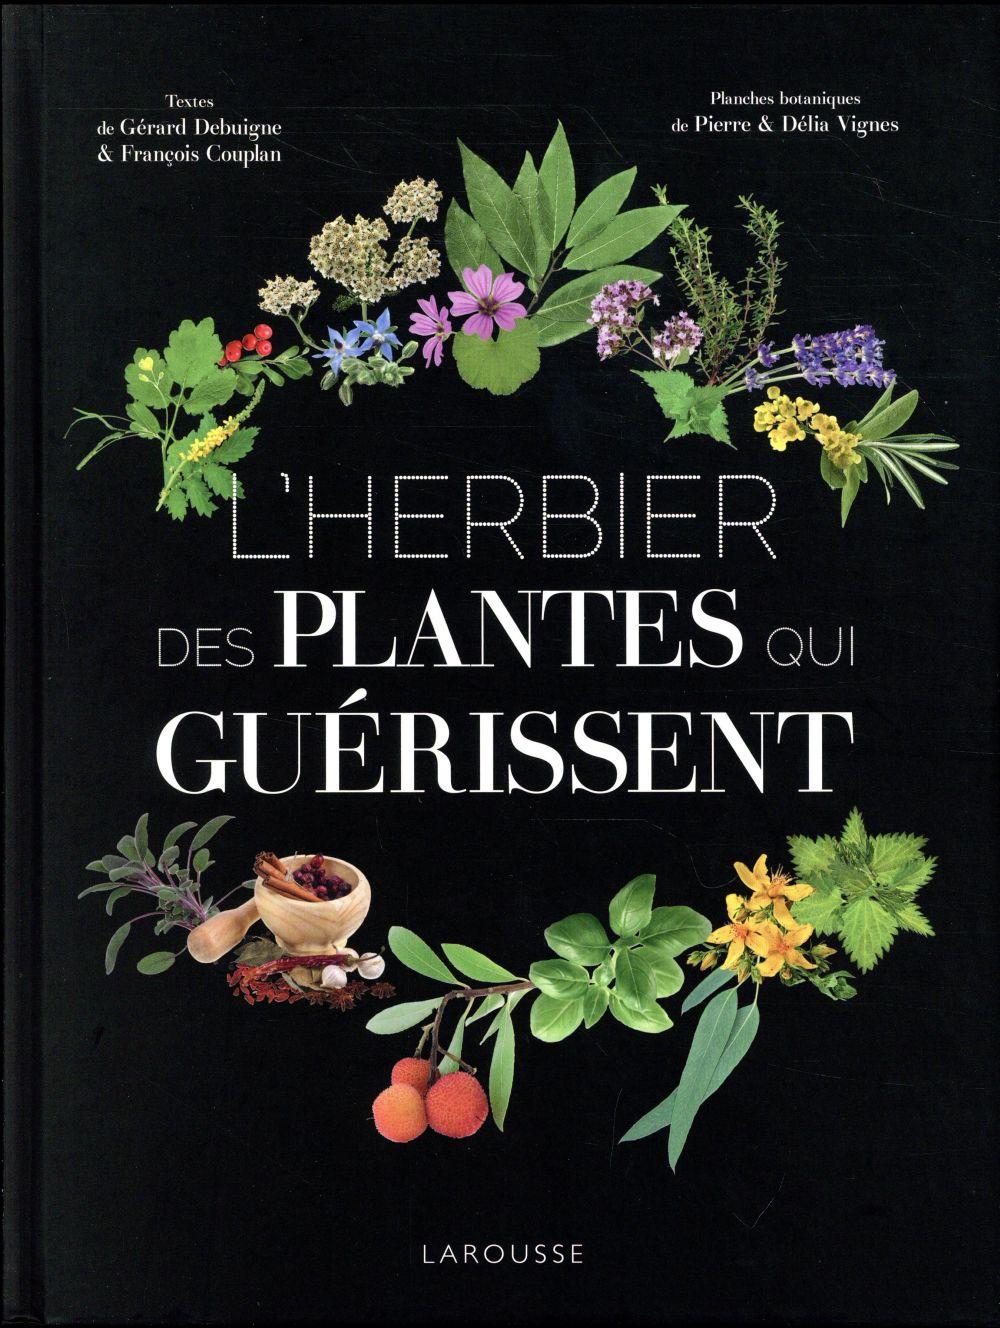 L'HERBIER DES PLANTES QUI GUERISSENT